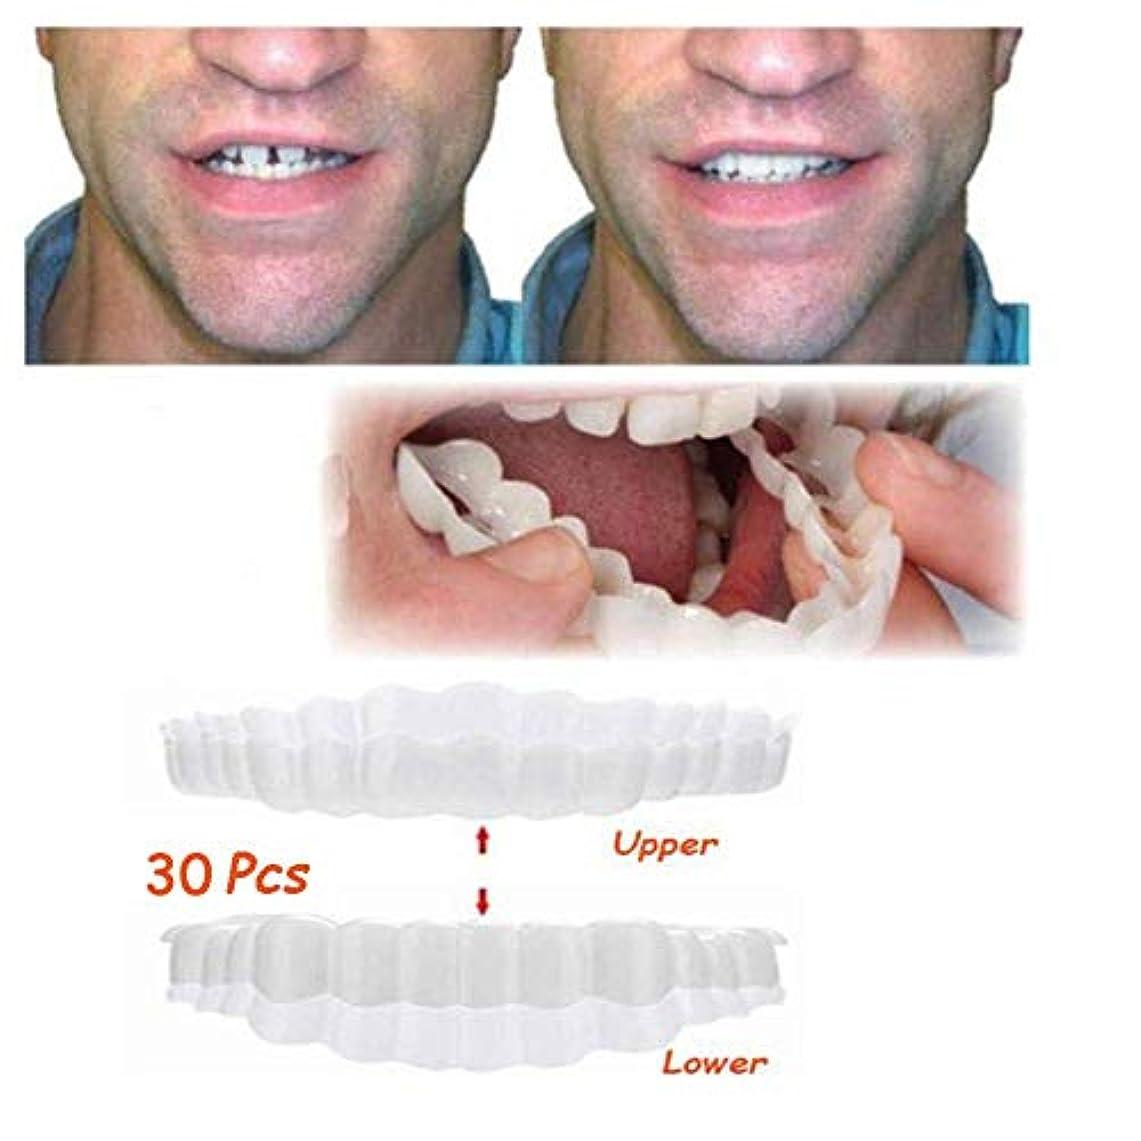 省略する複合世界に死んだ30ピース笑顔一時的な歯のキット、一時的な化粧品の歯義歯歯の化粧品模擬装具下括弧快適な下突き板